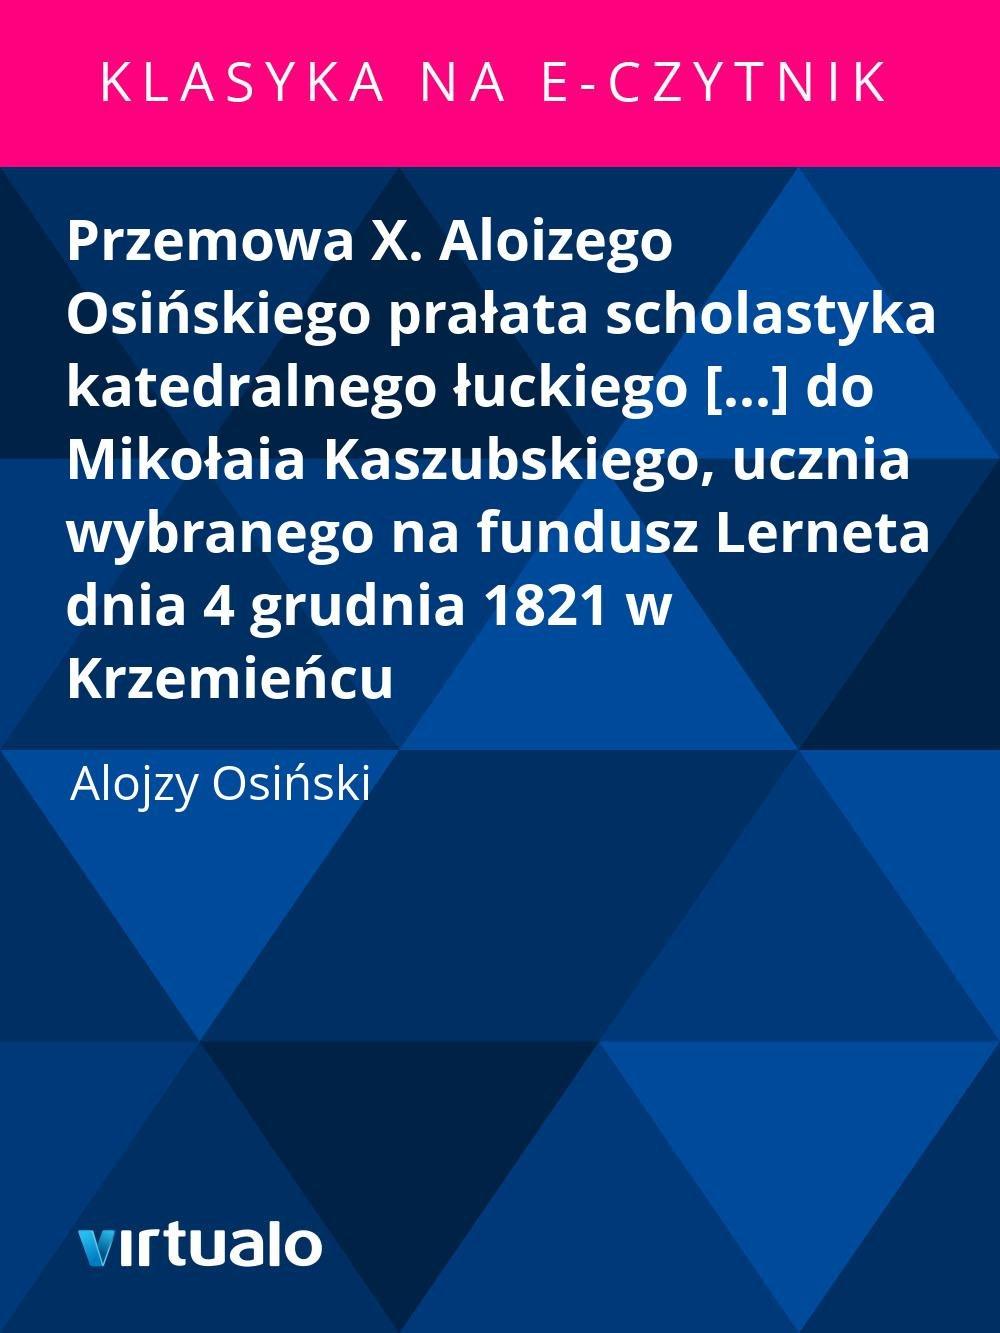 Przemowa X. Aloizego Osińskiego prałata scholastyka katedralnego łuckiego [...] do Mikołaia Kaszubskiego, ucznia wybranego na fundusz Lerneta dnia 4 grudnia 1821 w Krzemieńcu - Ebook (Książka EPUB) do pobrania w formacie EPUB